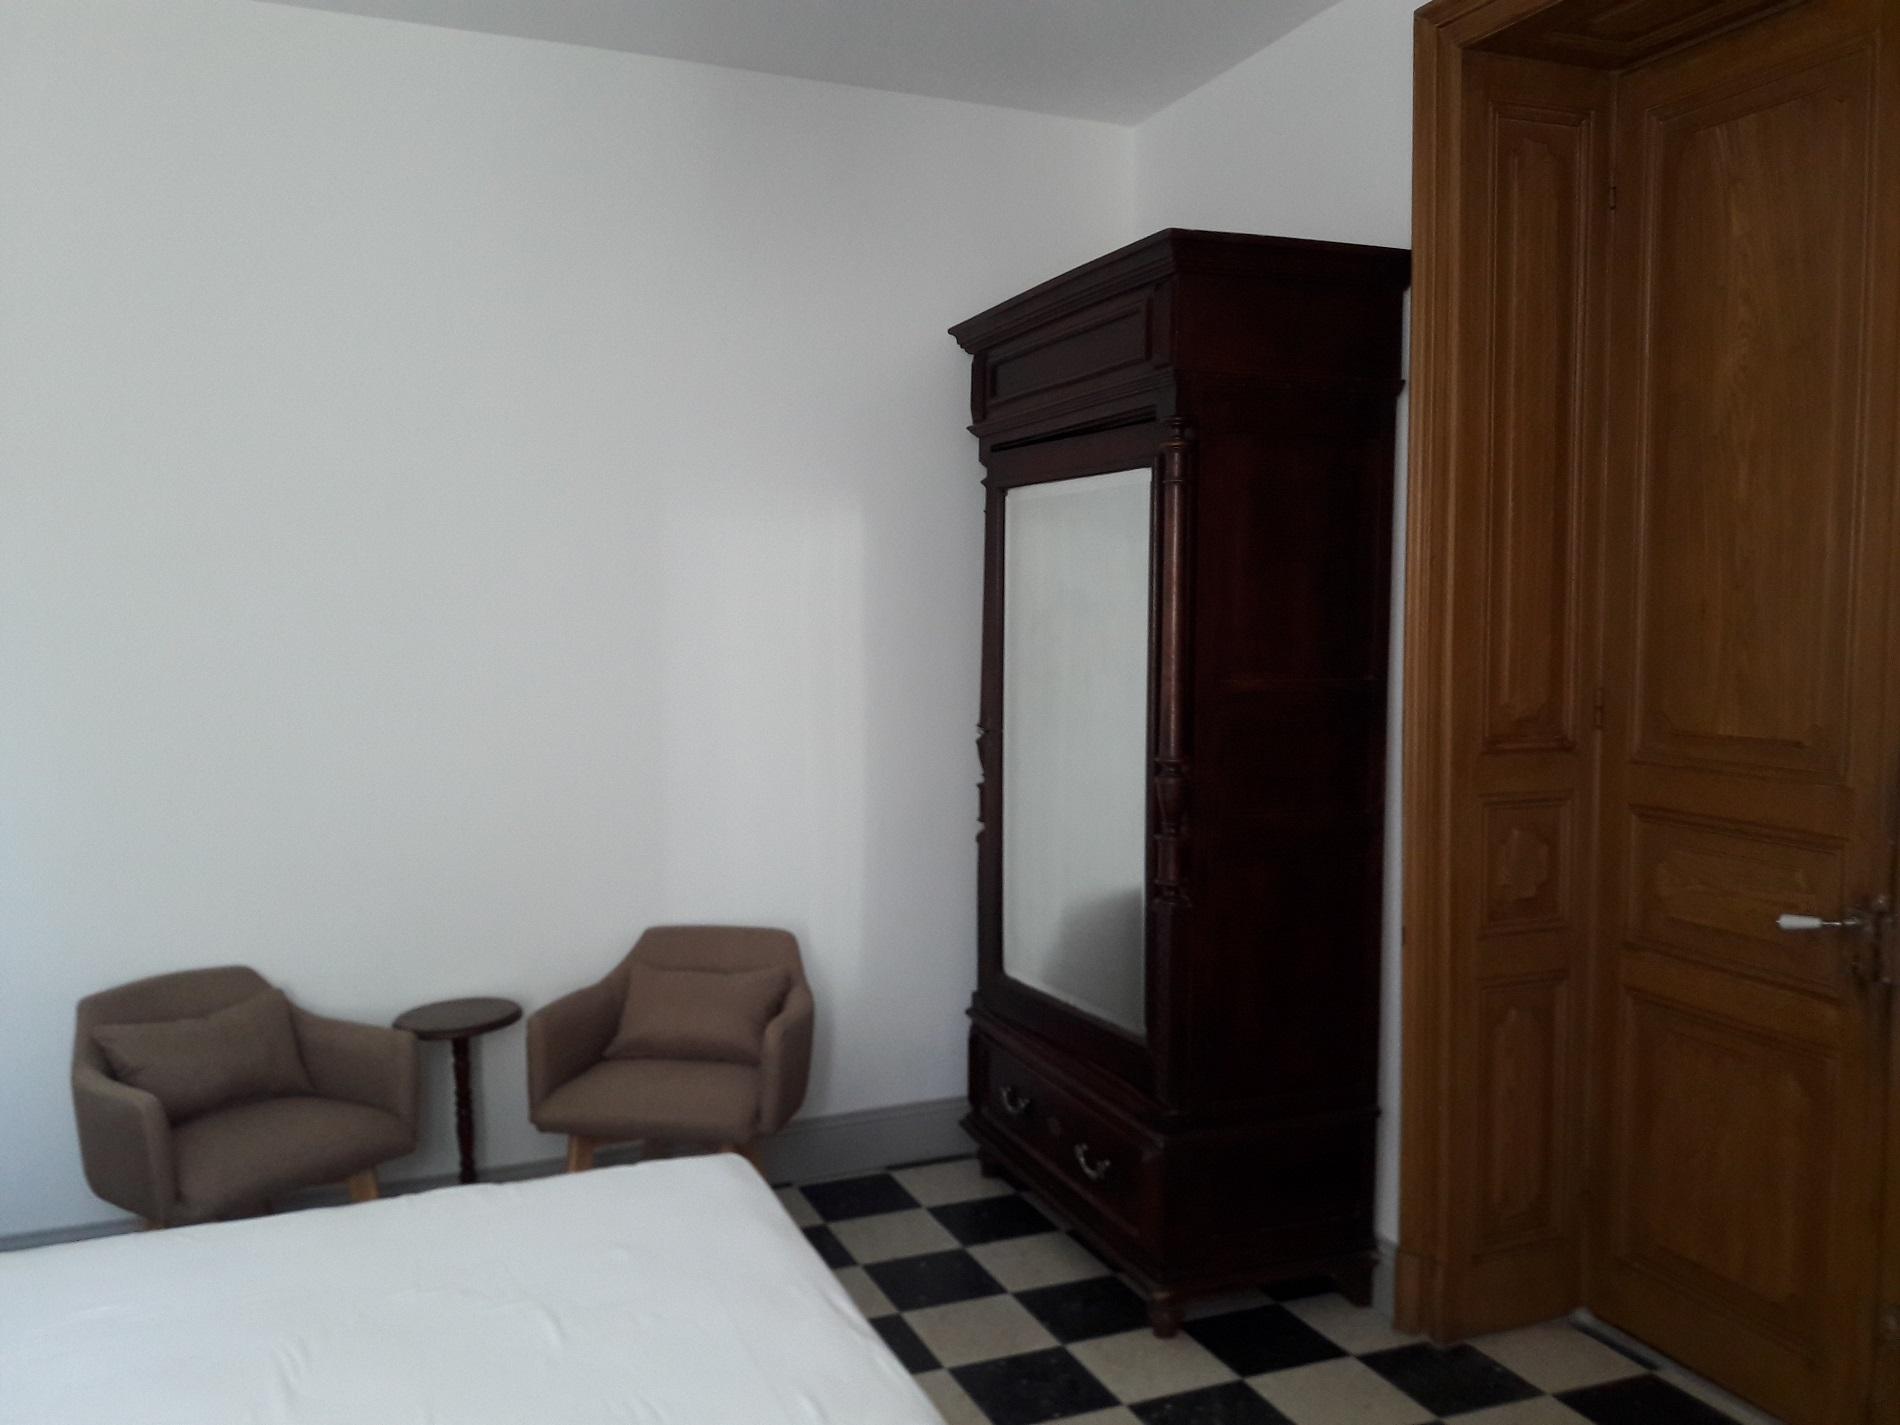 Chambre avec armoire et fauteuils de détente